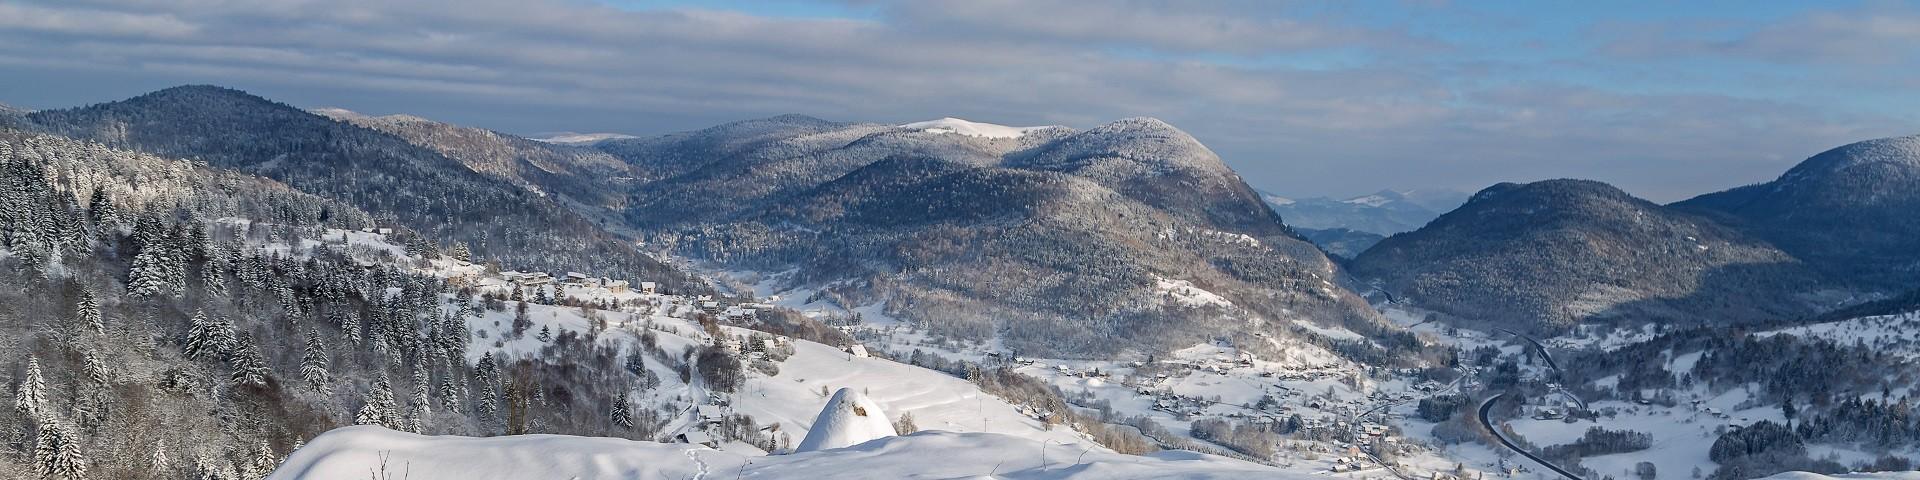 dominique-steinel-neige285-001-2-jpg-village-2131